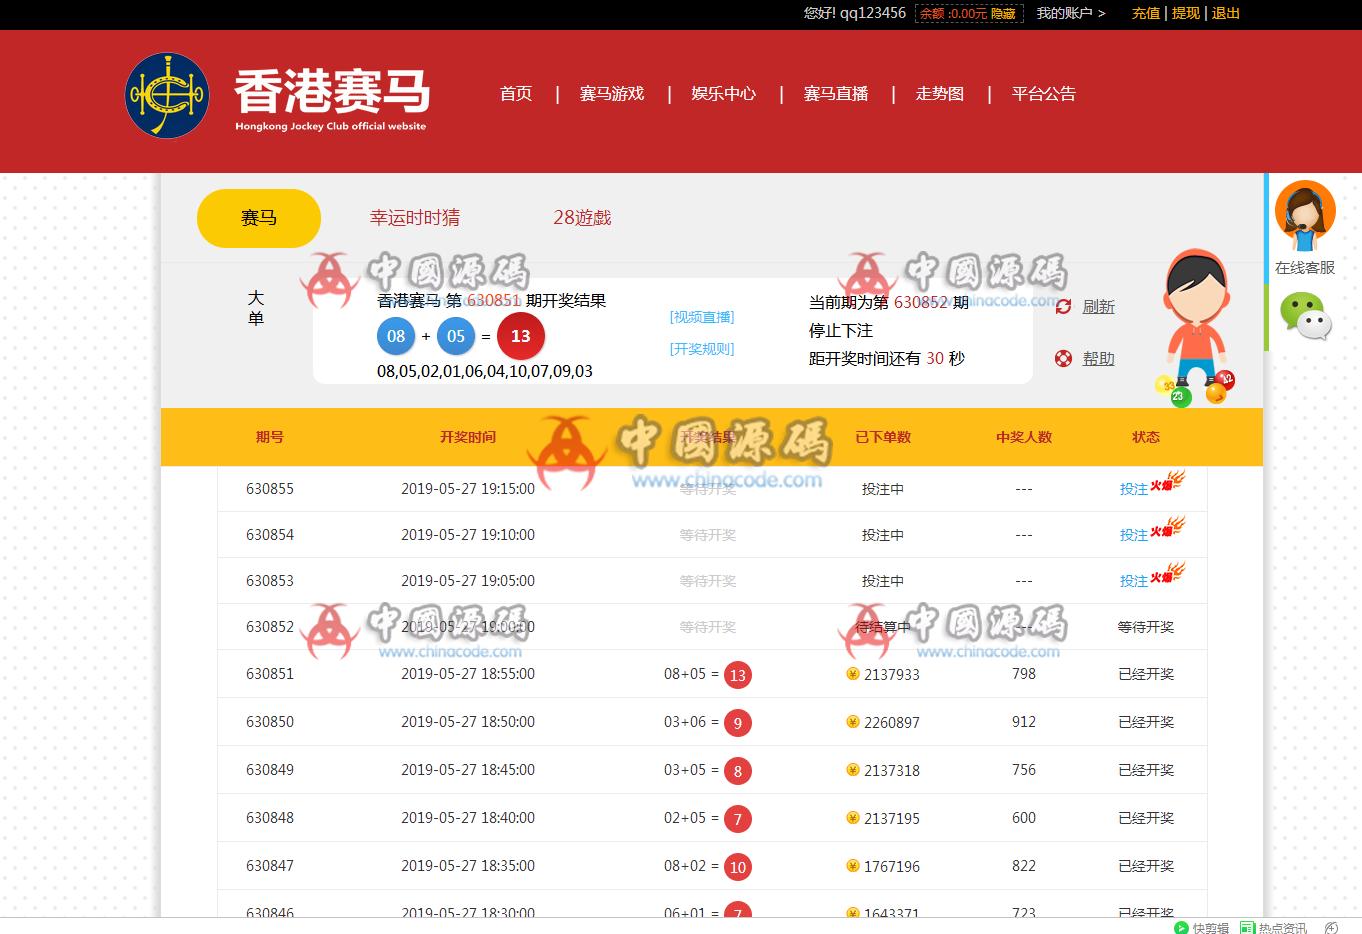 香港S马+幸运2-8+PCDD三合一玩法整站源码+修复采集+完整后台功能+安装教程 网站-第3张